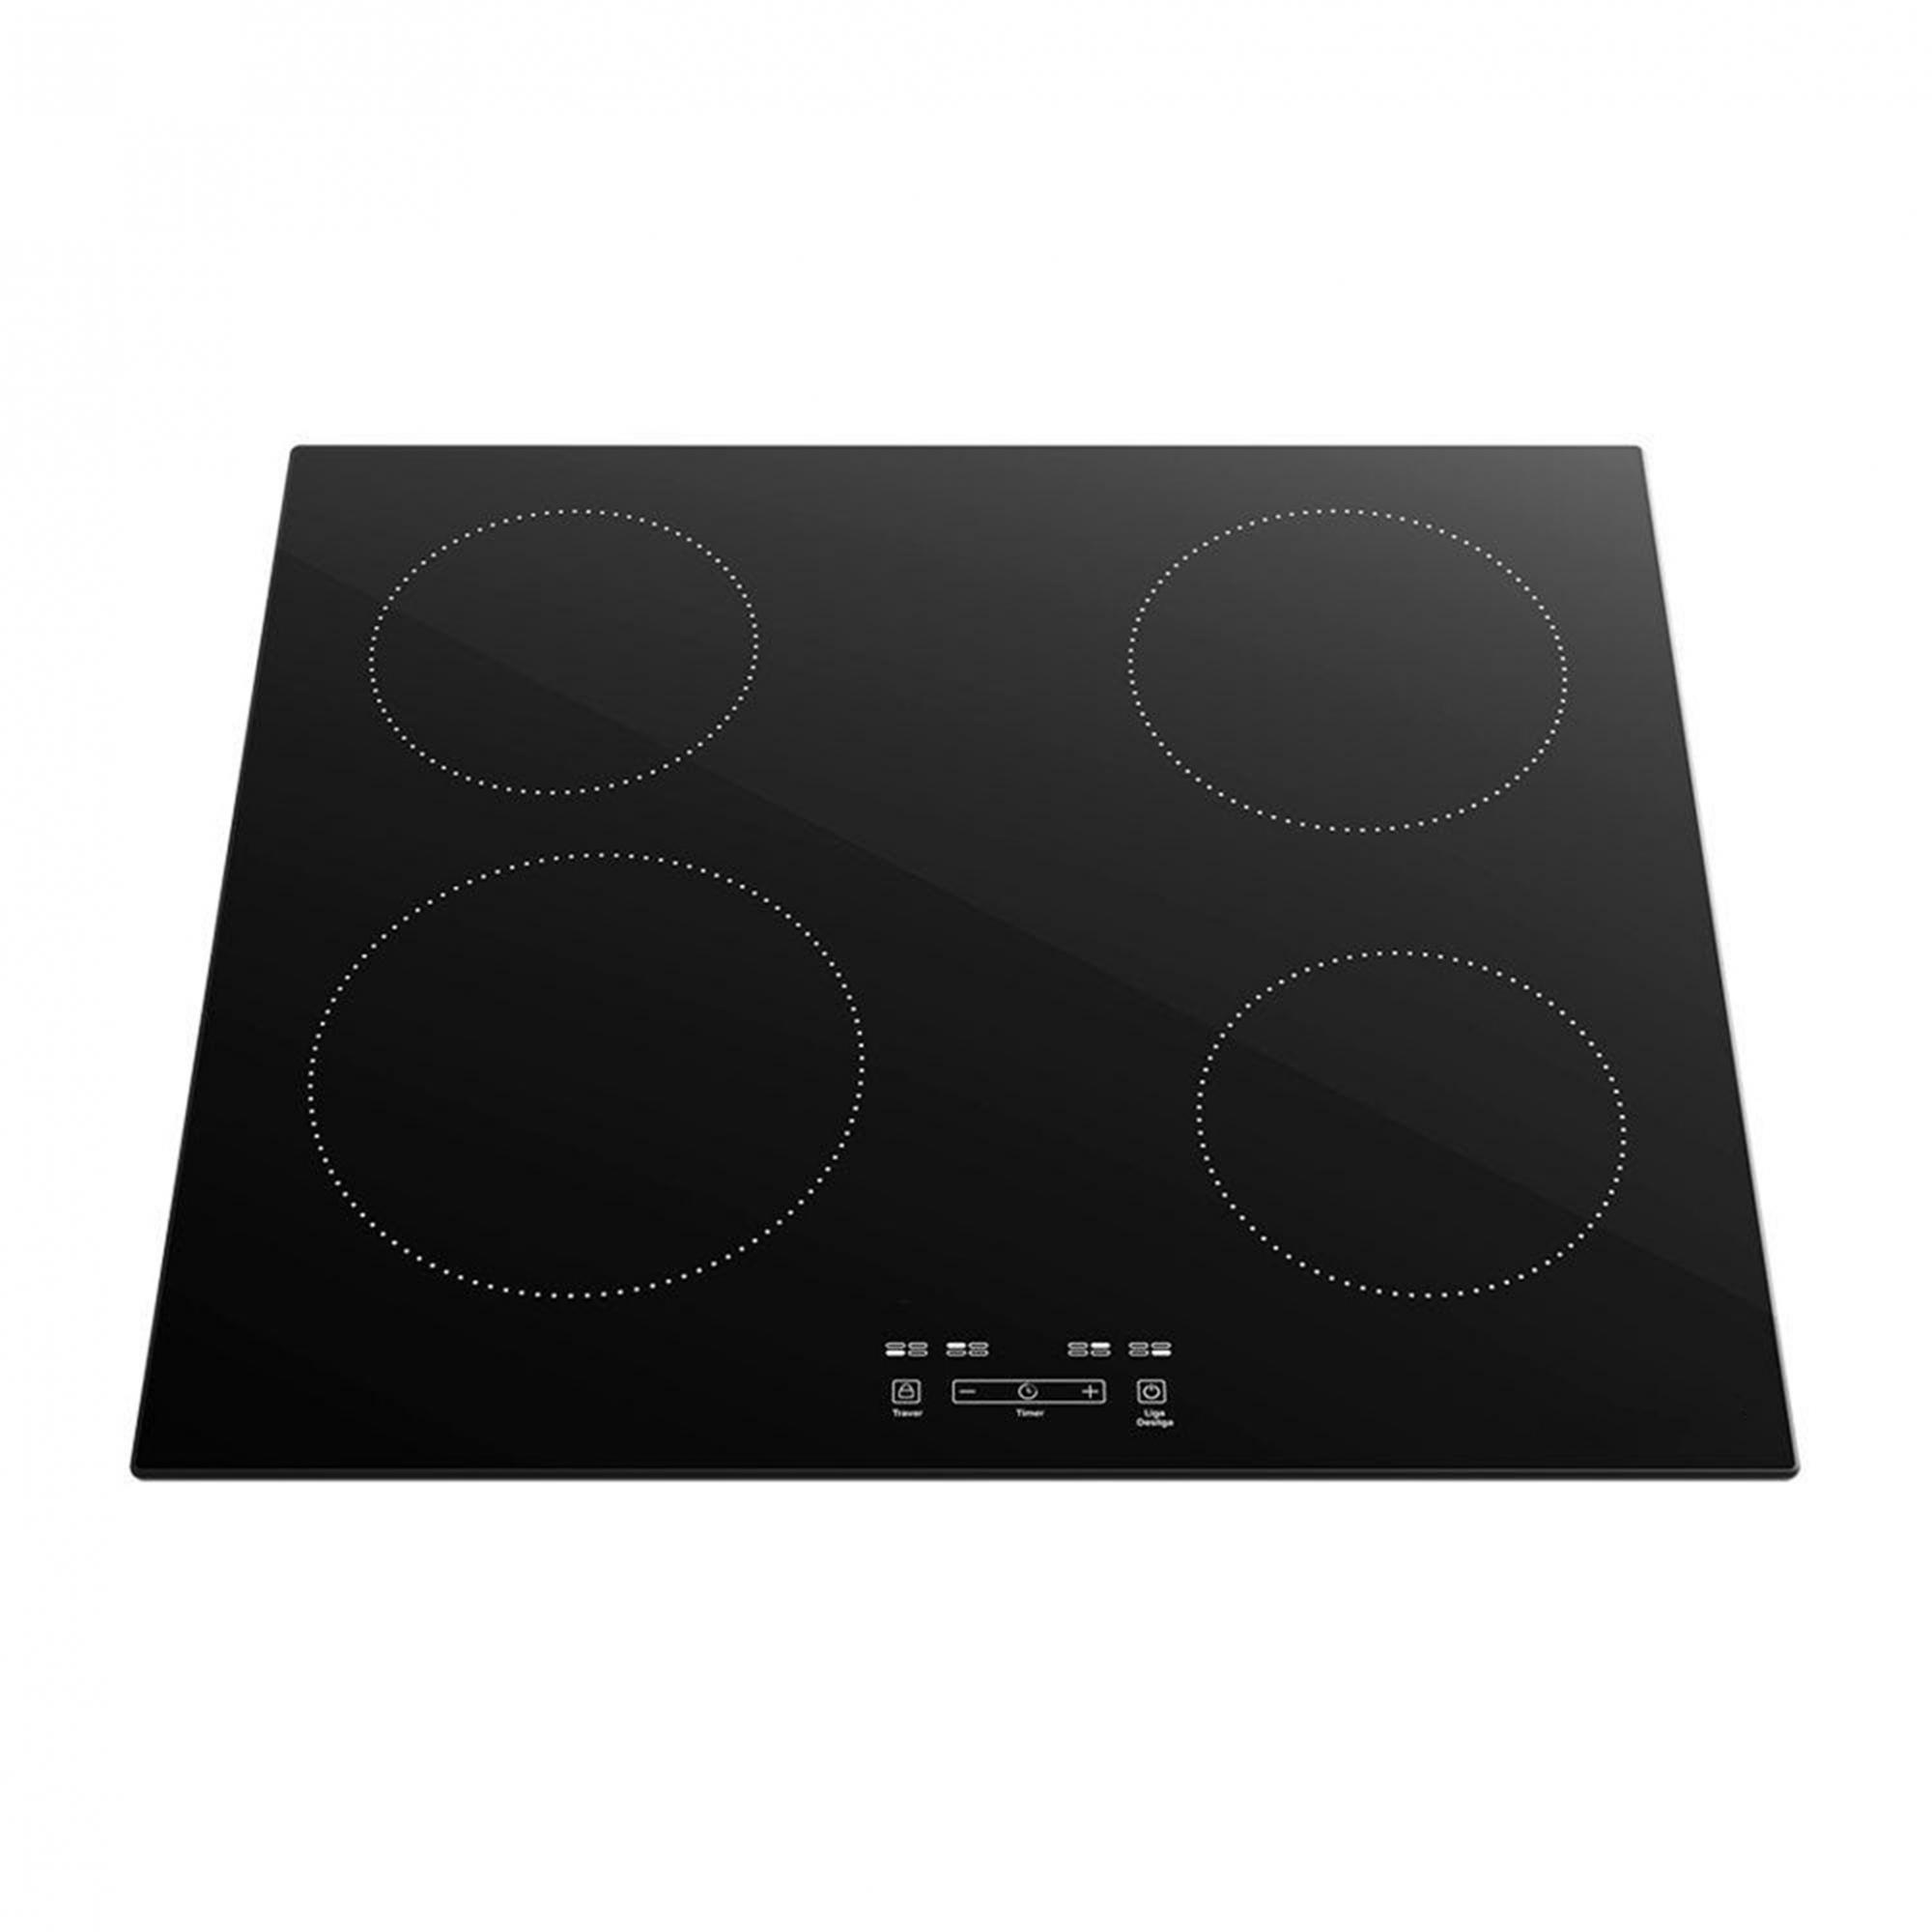 Cooktop de indução M. Eletros preto 4 zonas 60cm vitrocerâmico 220V